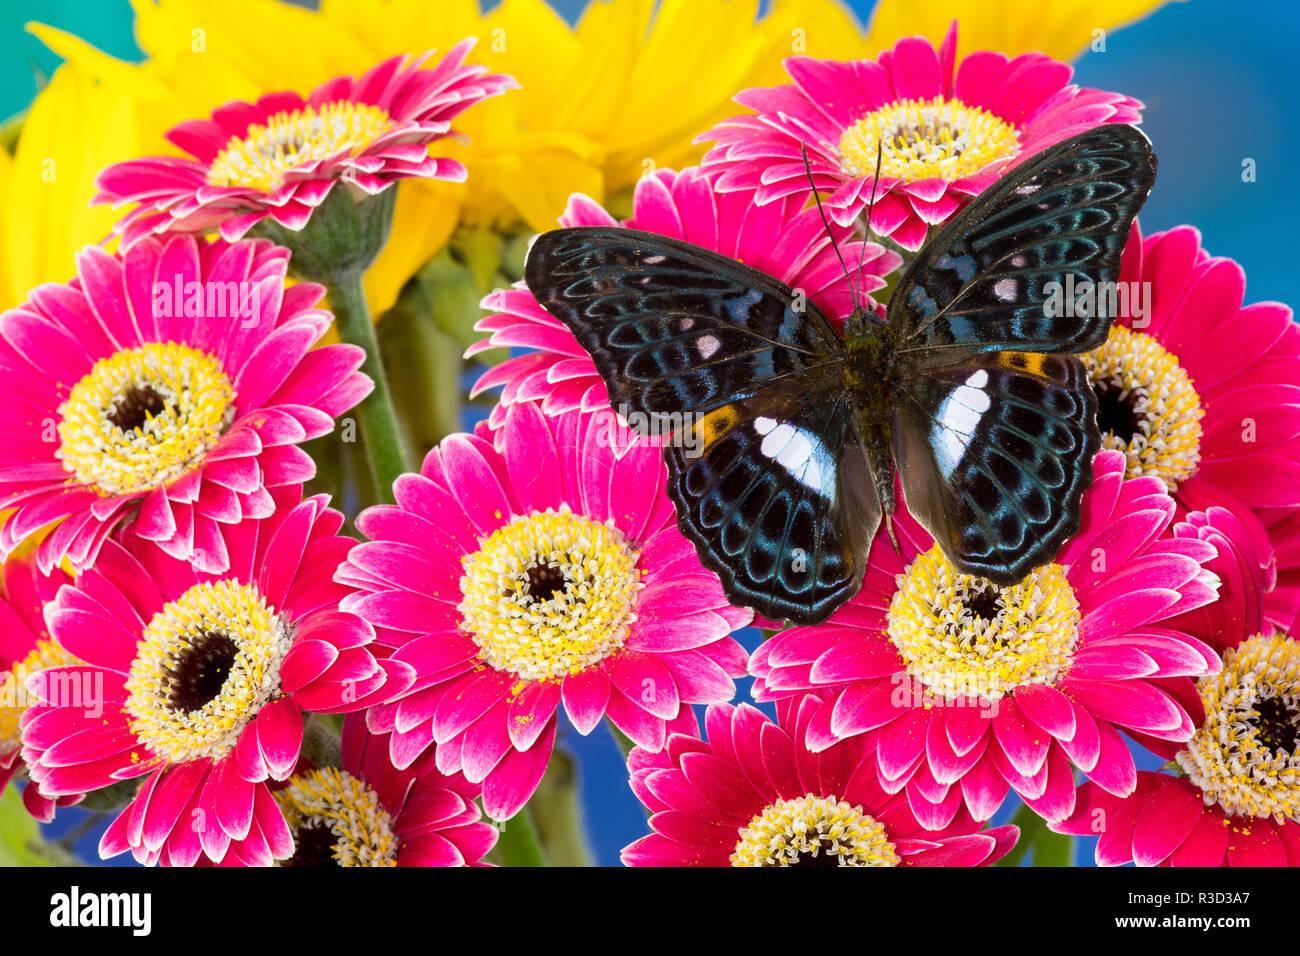 Moduza lymire lymire una mariposa del sudeste asiático en brillantes colores Margaritas Gerber Imagen De Stock